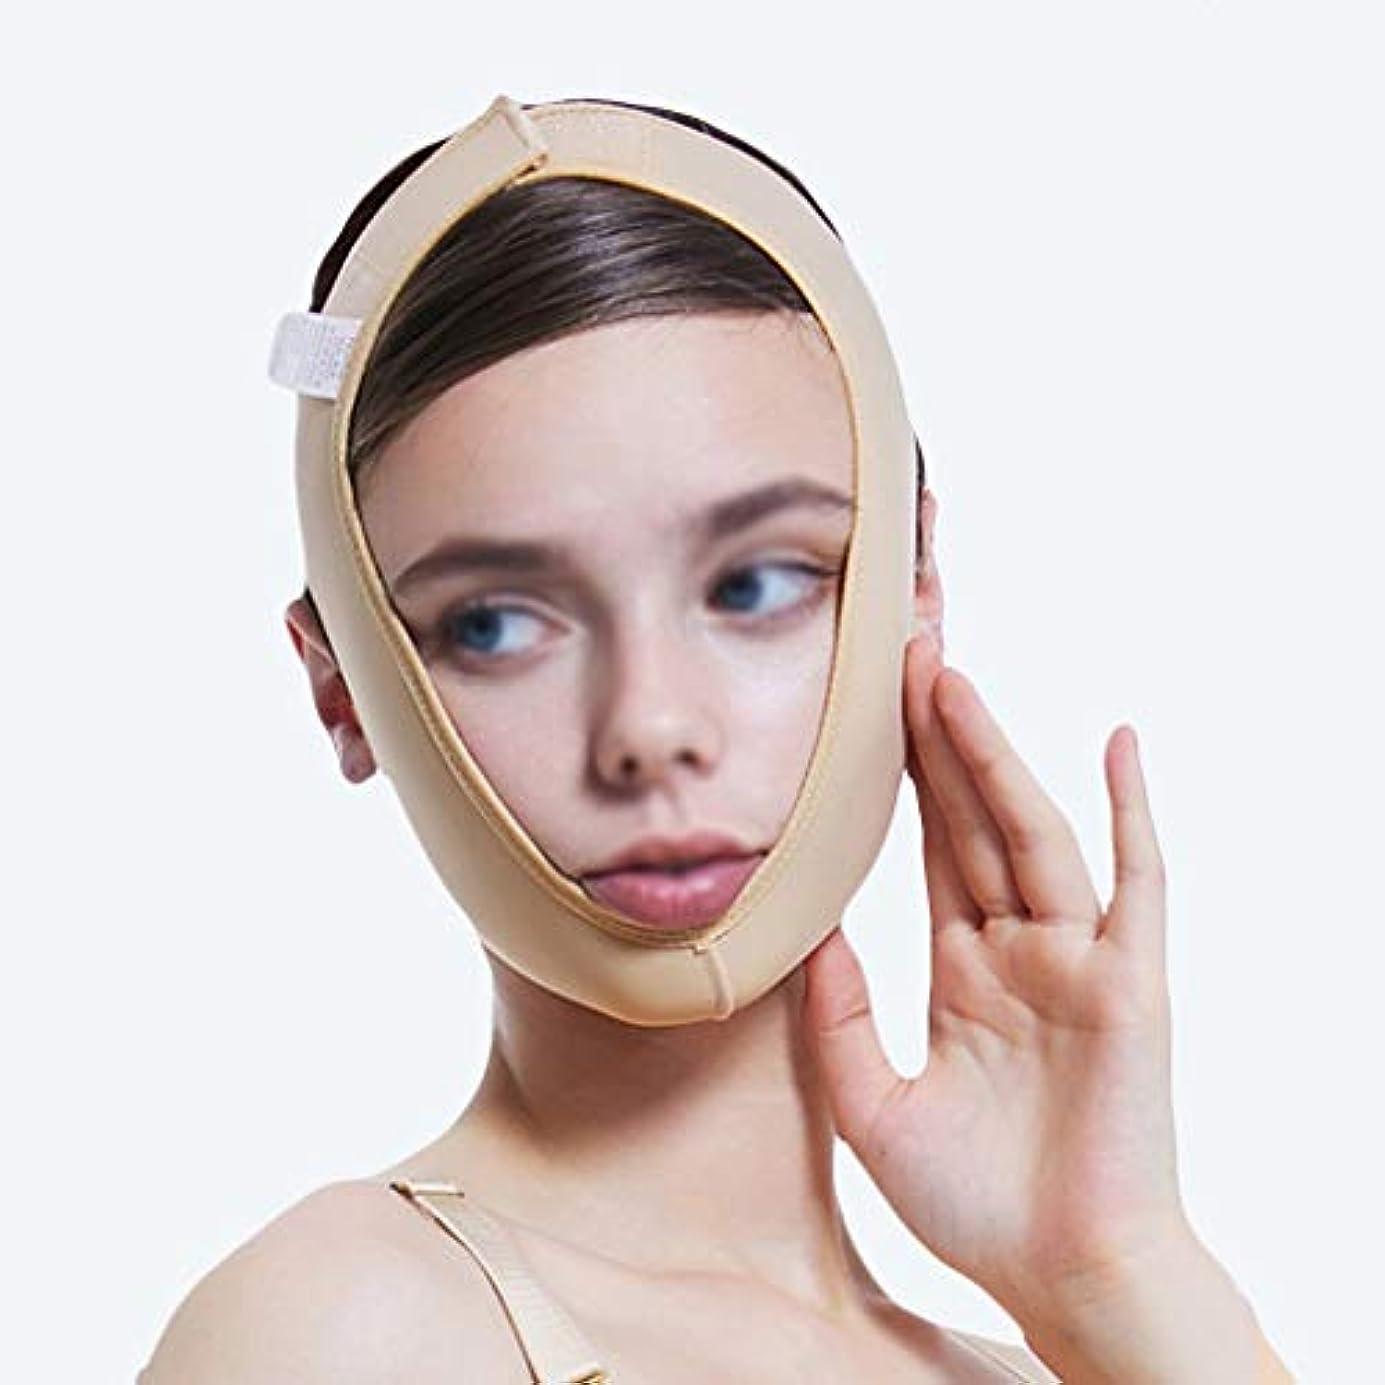 インチバスタブ主流フェイスリフティングマッサージフェイスリフティング、フェイスバンド引き締め肌用包帯、首の圧縮面、超薄型、リフティング引き締め (Size : L)